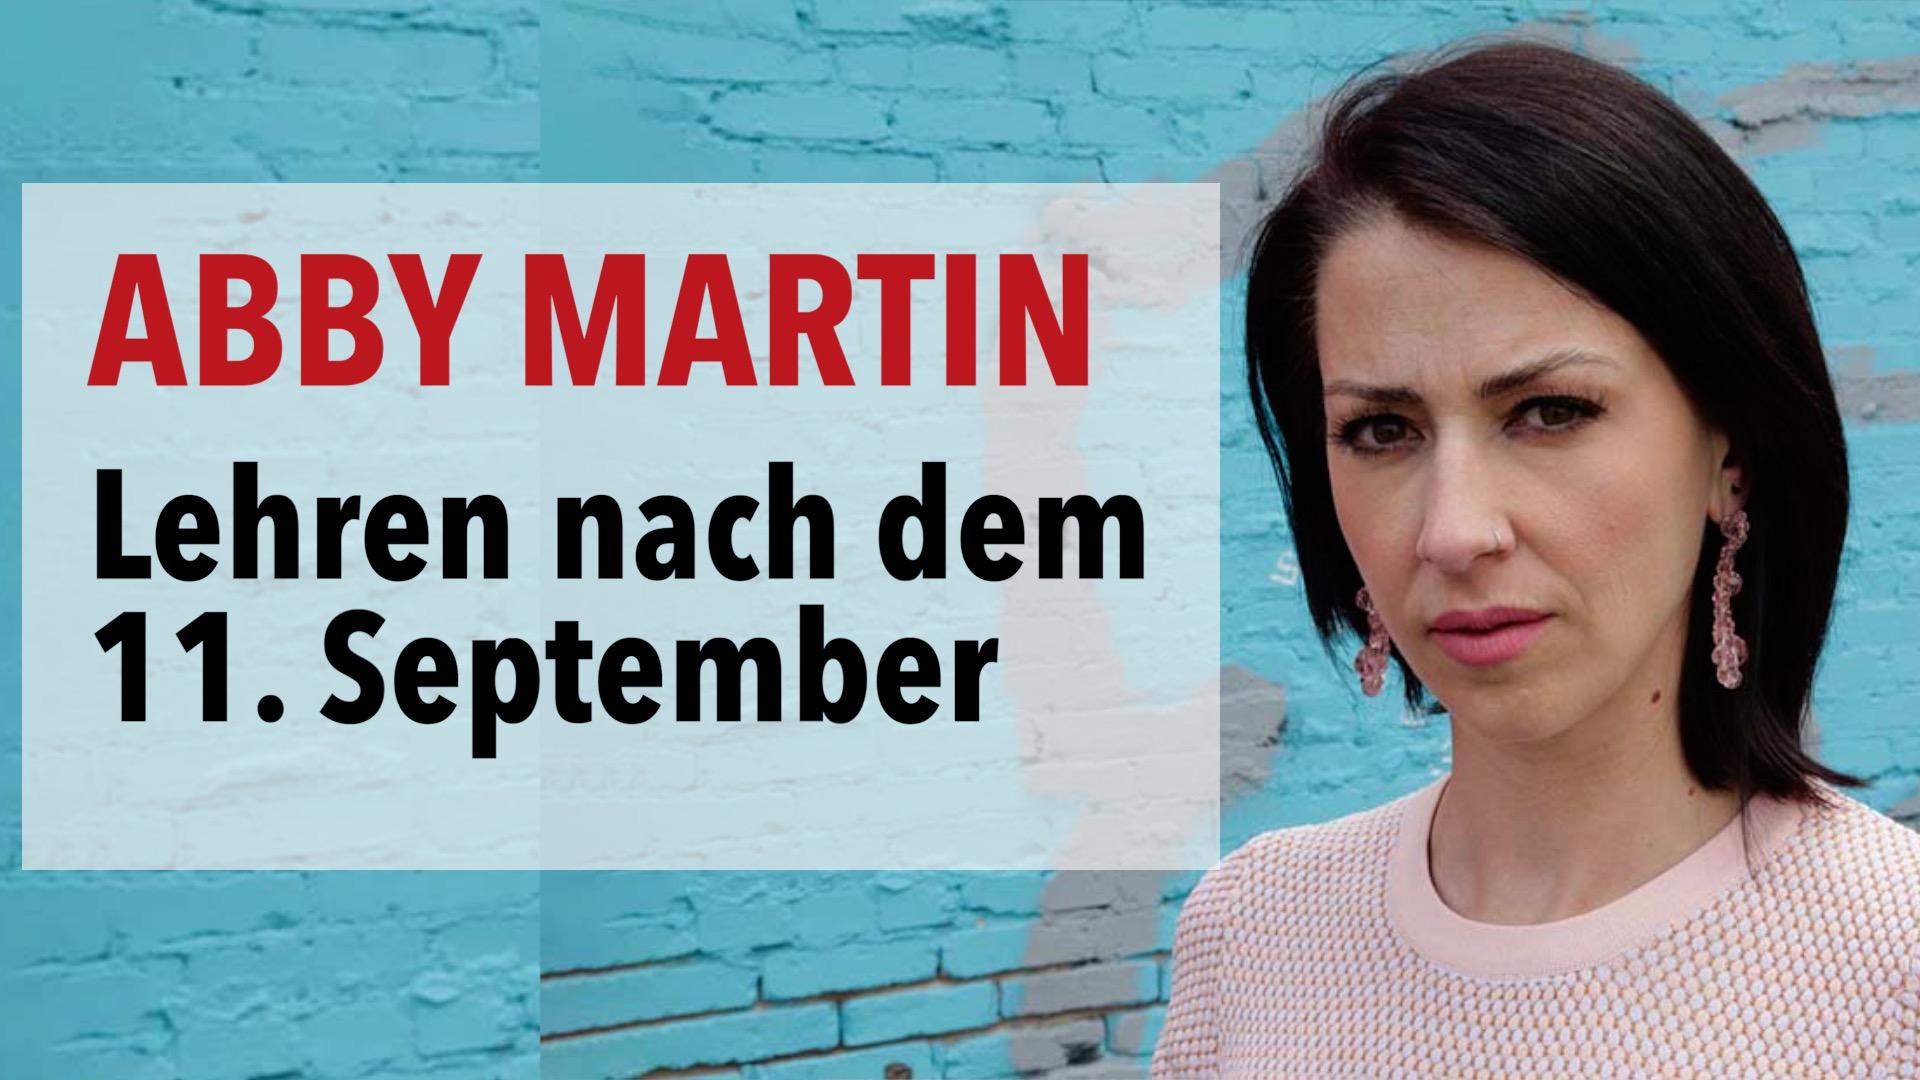 Niemals vergessen: Die Lehren aus dem Krieg nach dem 11. September | Abby Martin